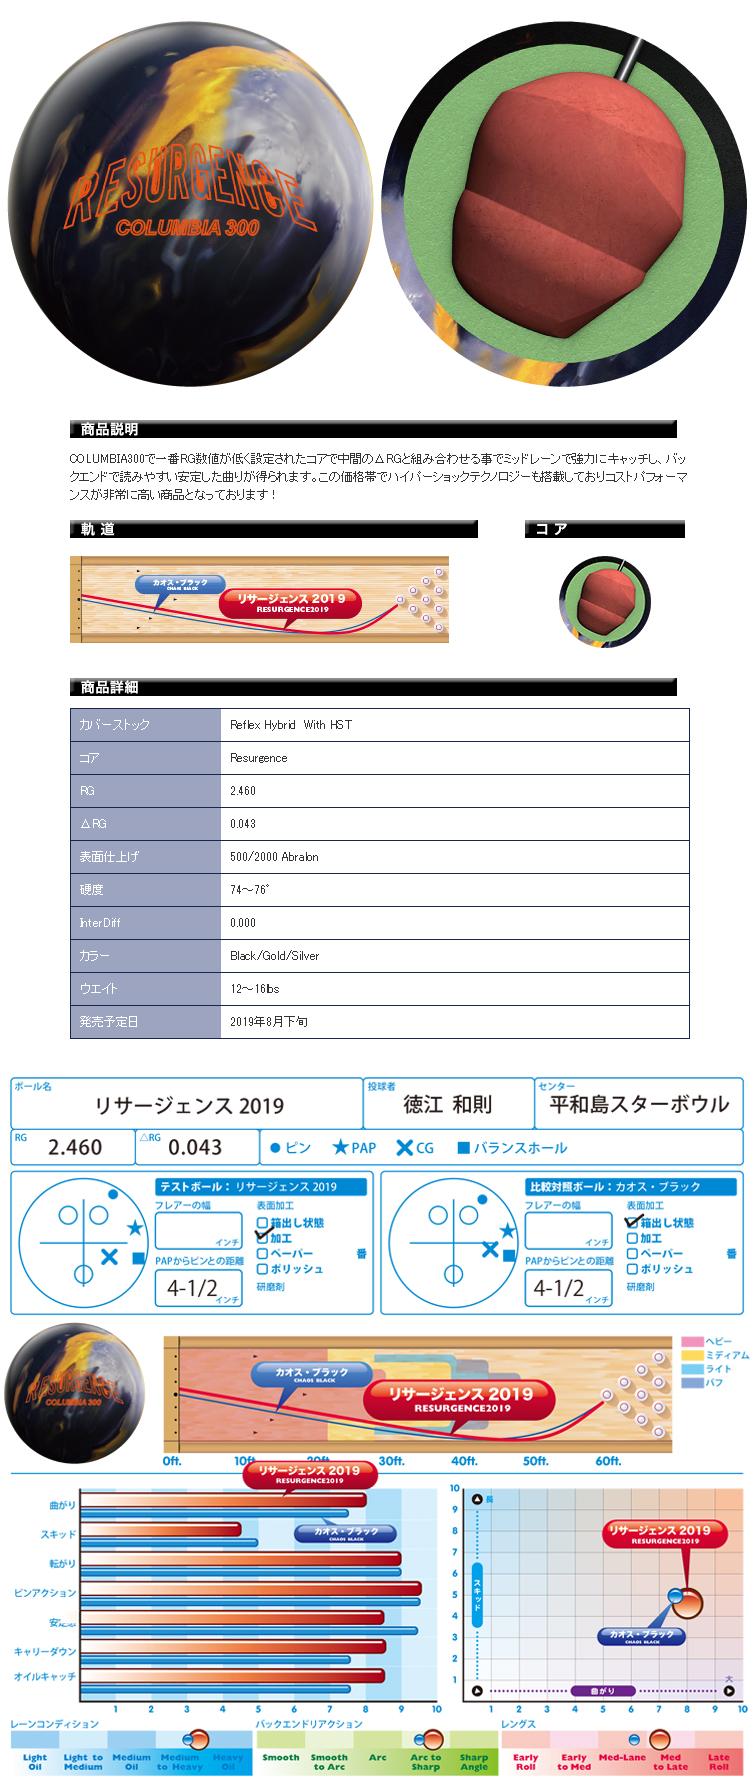 ボウリング用品 ボウリングボール コロンビア300 COLUMBIA300 リサージェンス2019 RESURGENCE 2019